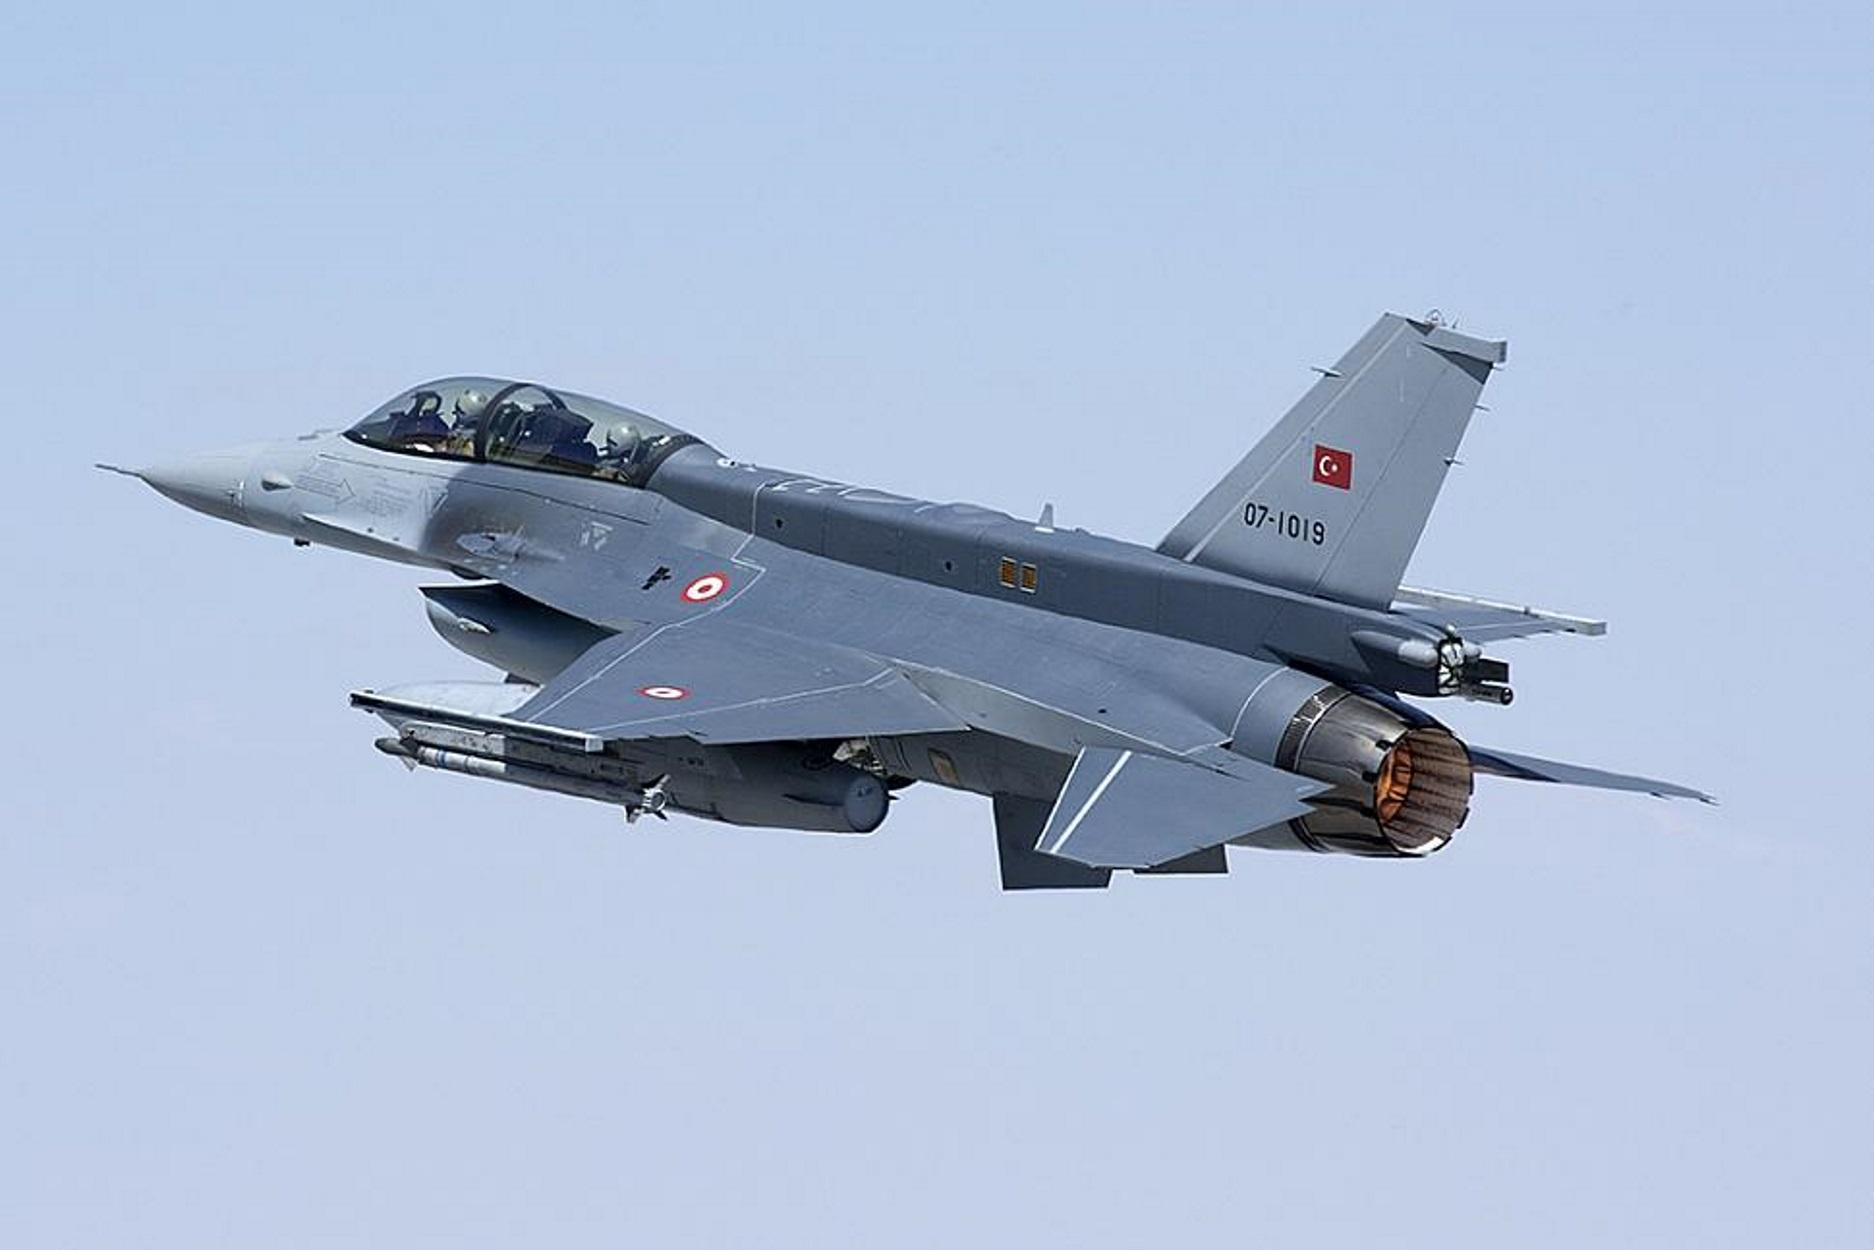 """""""Χτυπούν"""" σε θάλασσα και αέρα! Τουρκικά μαχητικά πέταξαν πάνω από ελληνικό νησί"""